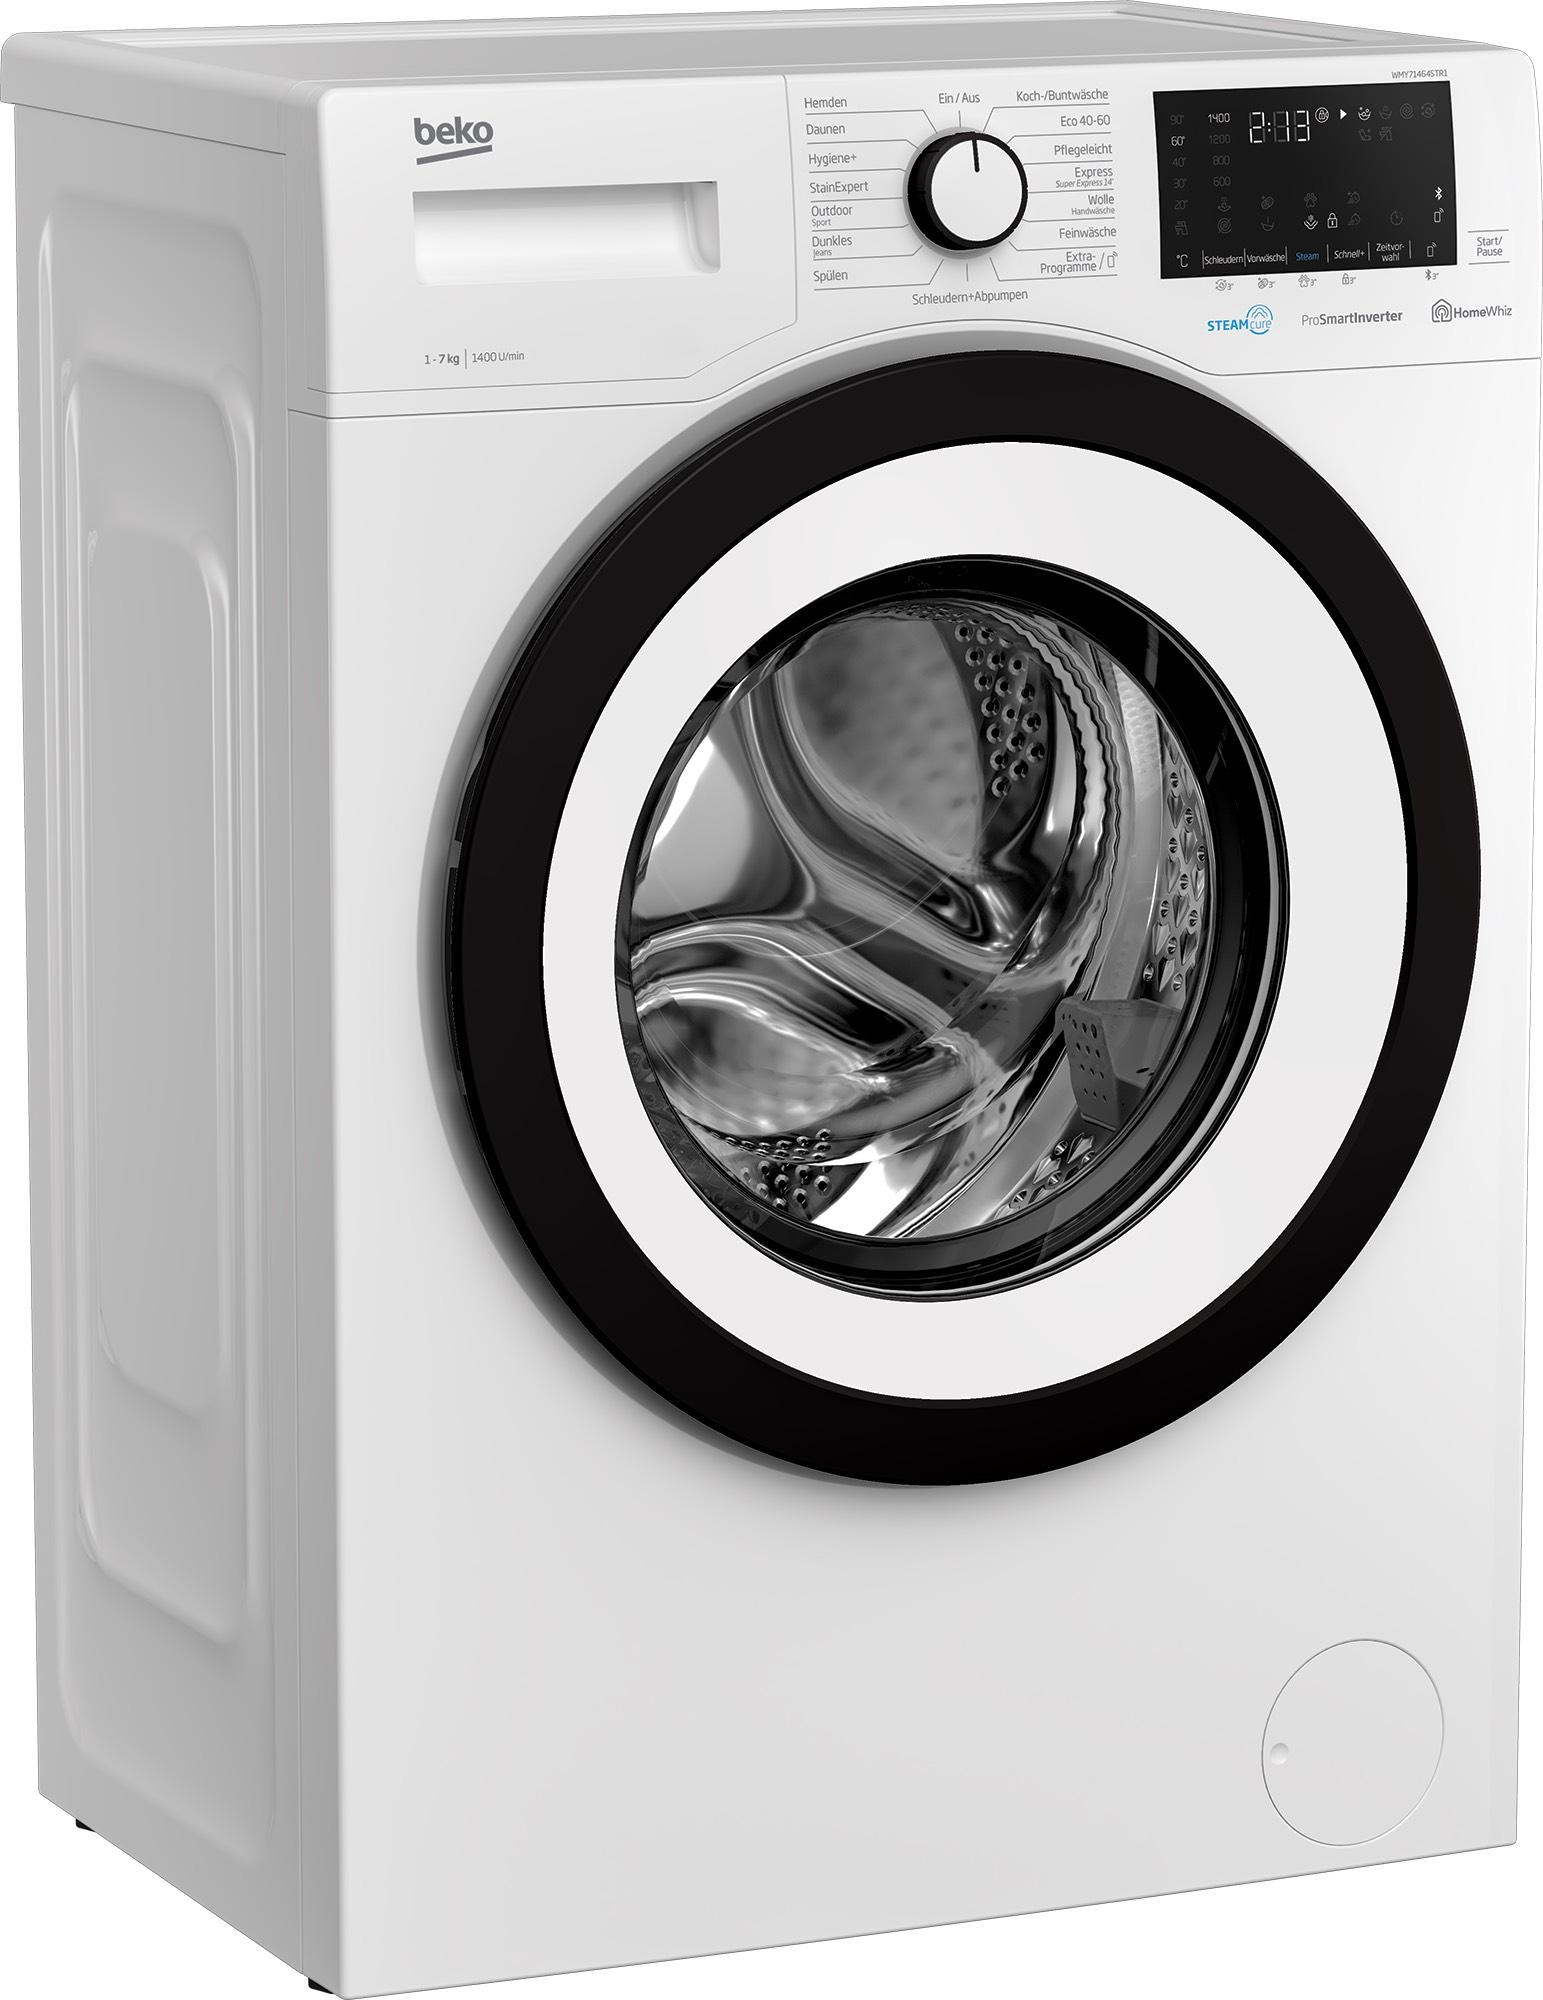 BEKO WMY71464STR1, Waschmaschine